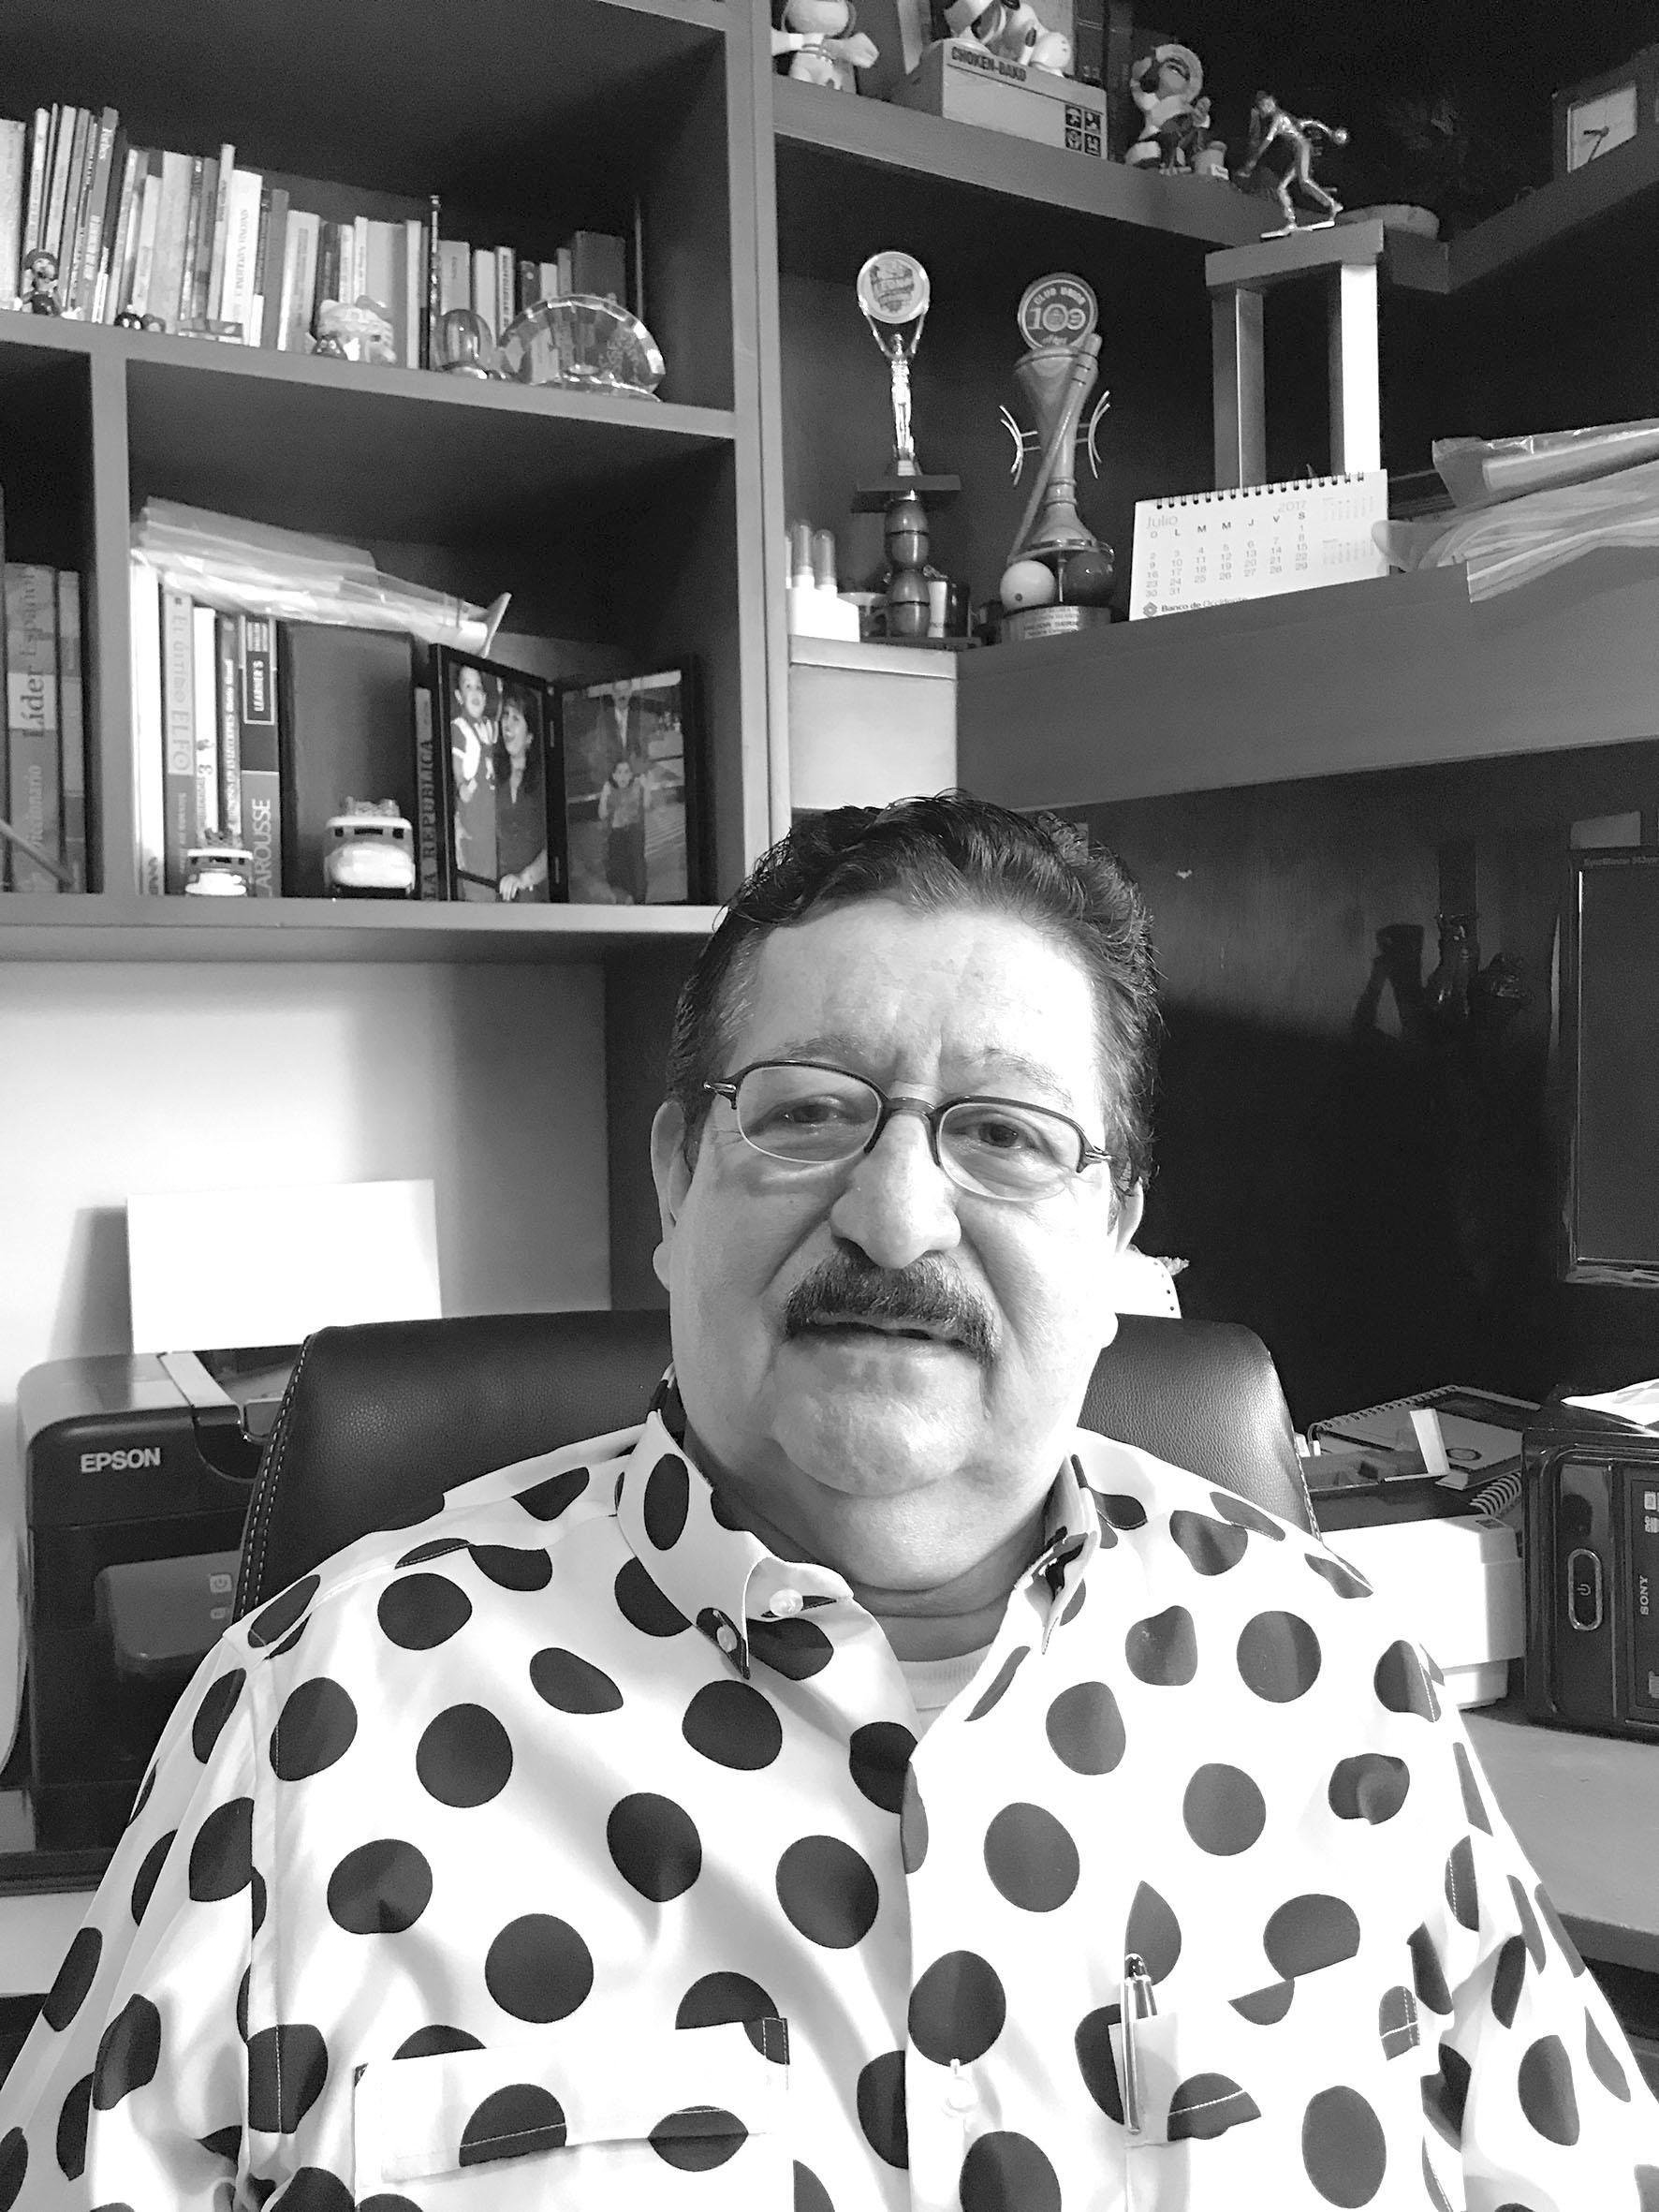 Señor empresario Por: José Caicedo Solano*   Opinión   EL FRENTE